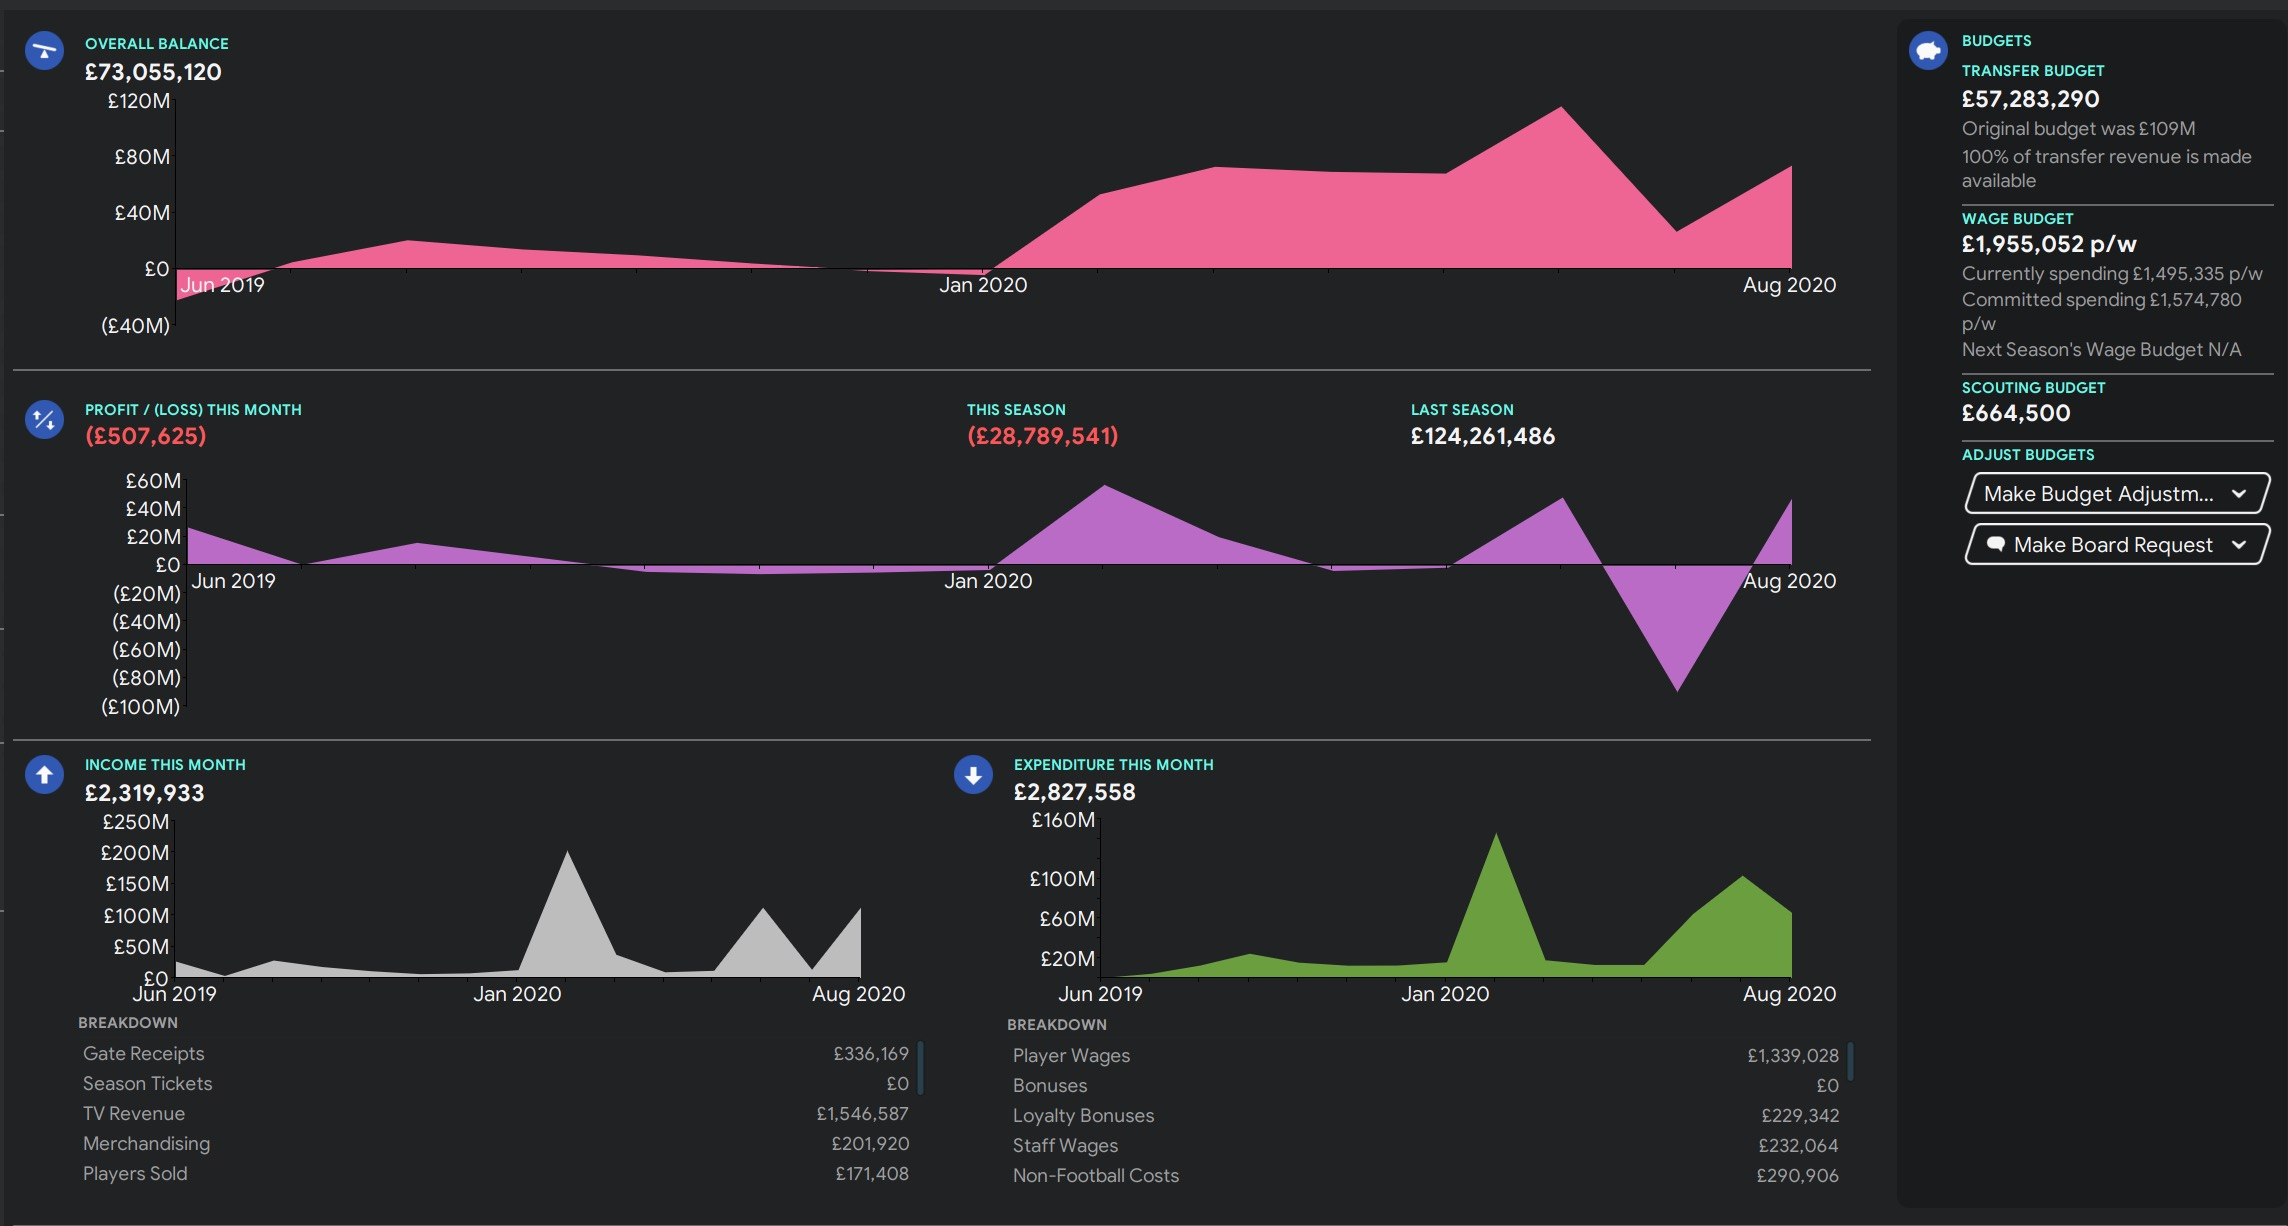 Screenshot 2020-06-30 at 14.15.06.jpg